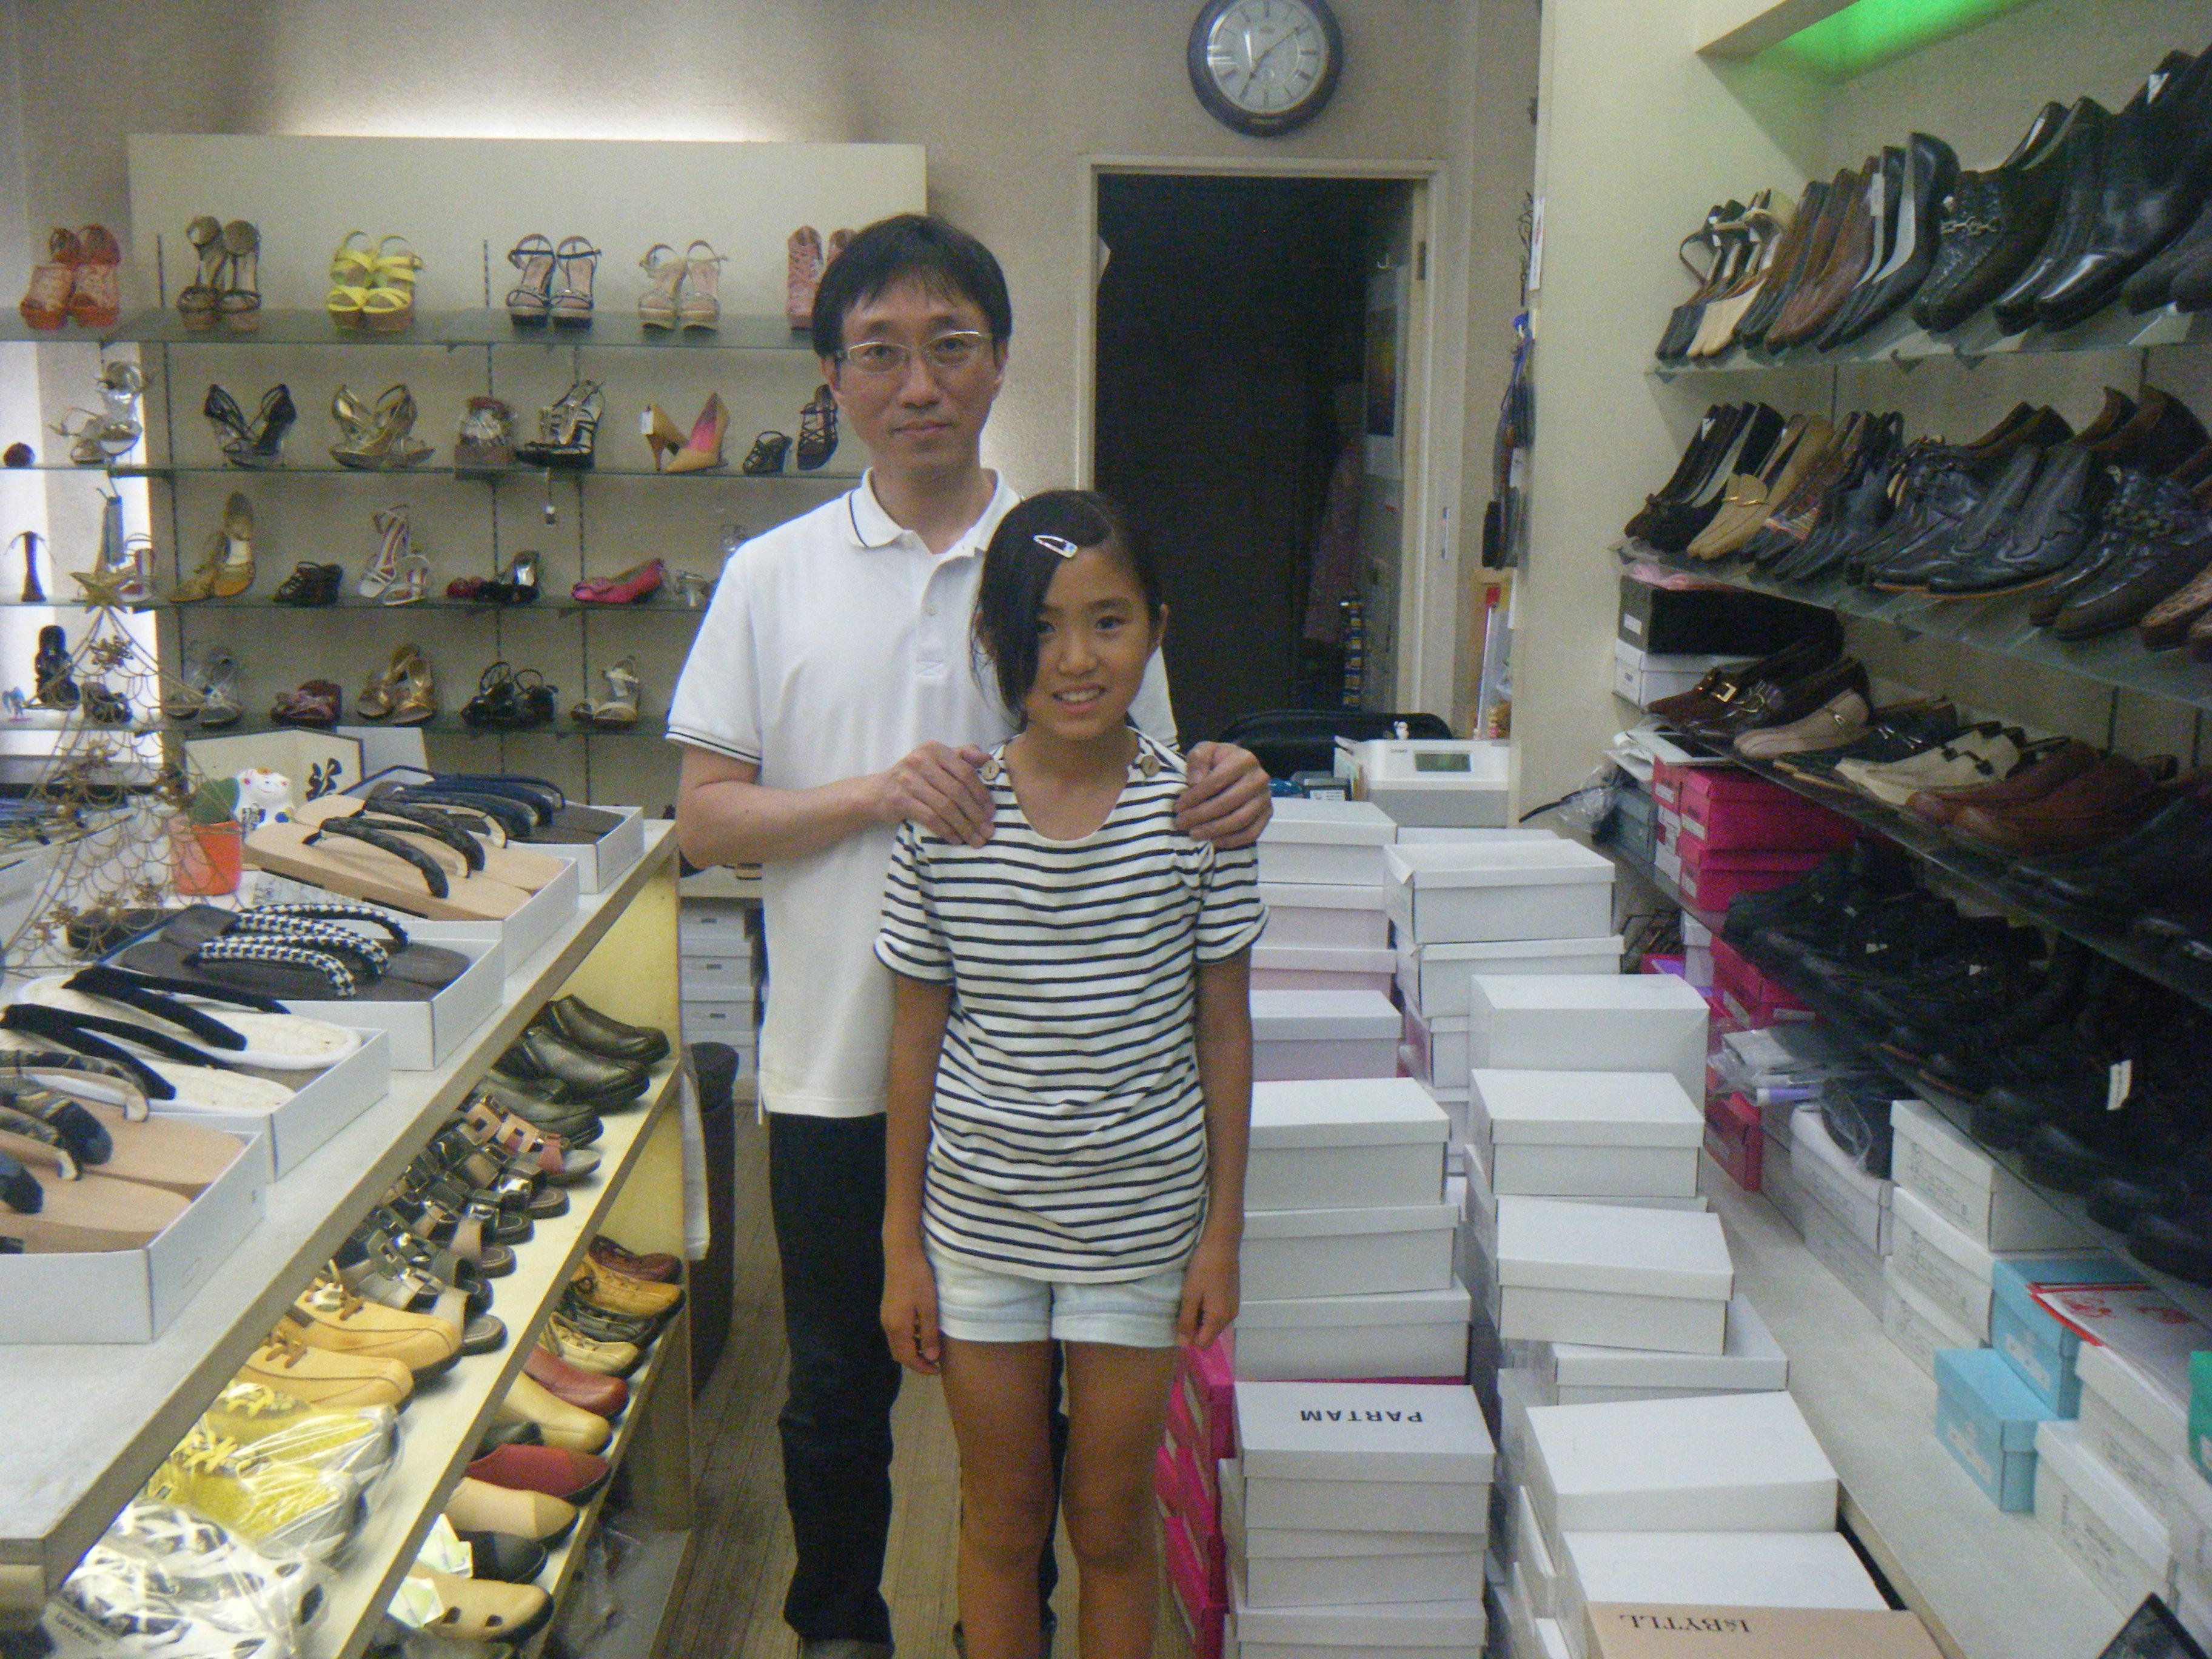 きれいでオシャレな靴をたくさん取り揃えて、家族全員で一生懸命営業中です!